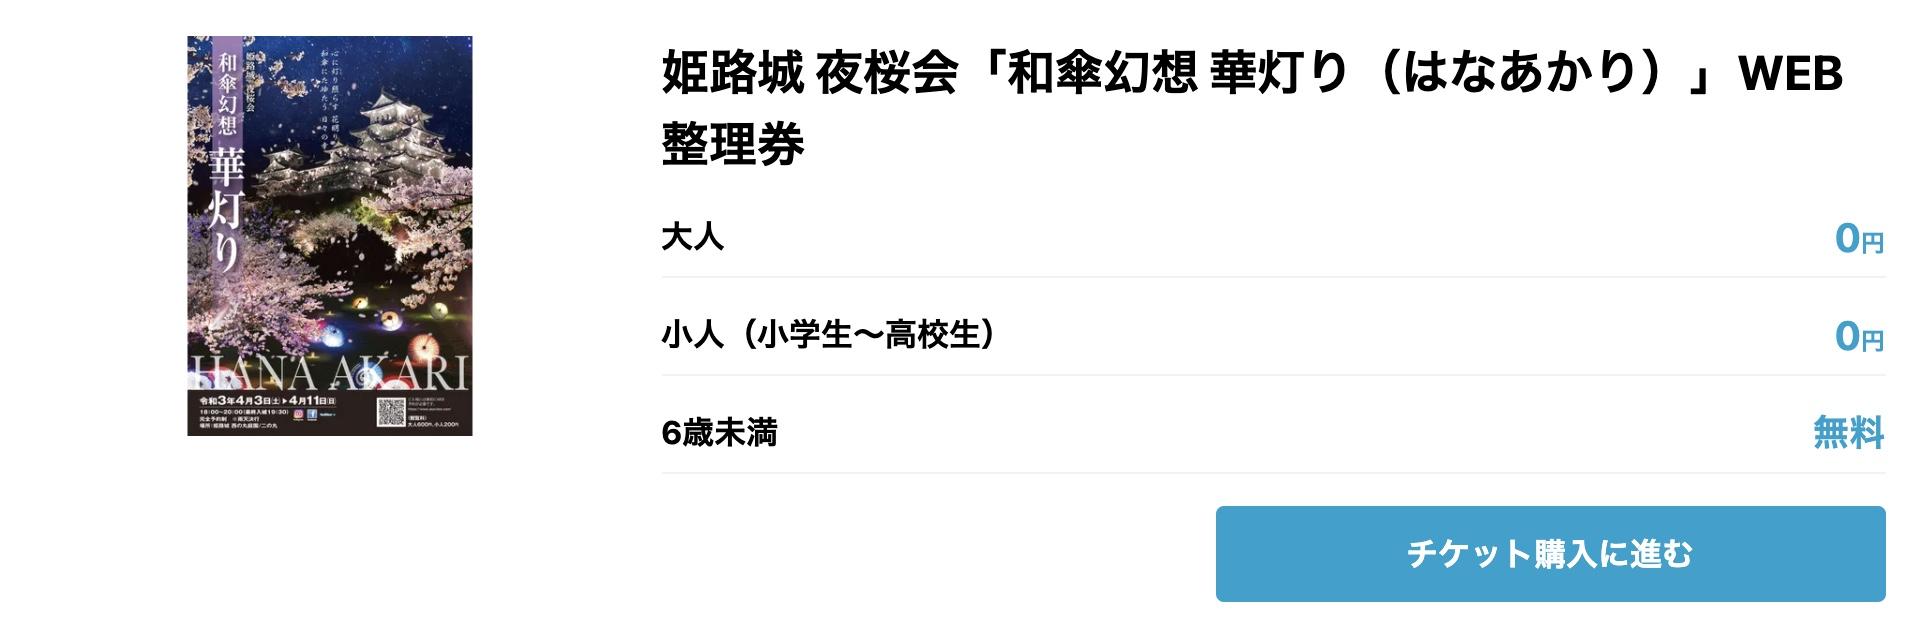 姫路城ライトアップ-事前WEB整理券